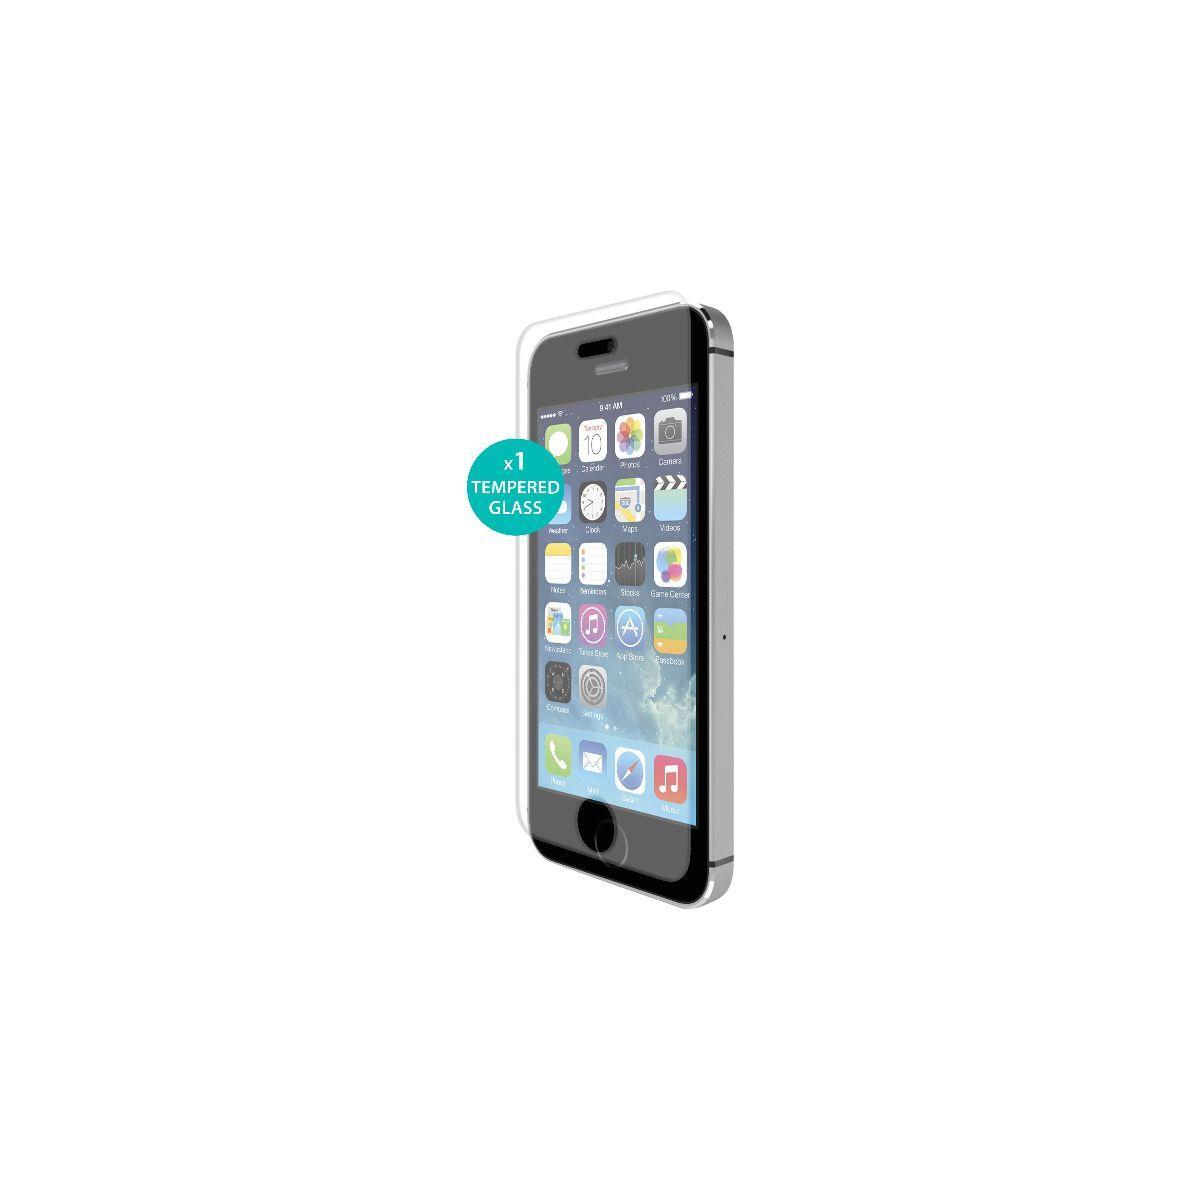 Protège écran puro verre trempé iphone 5 - 3% de remise immédiate avec le code : multi3